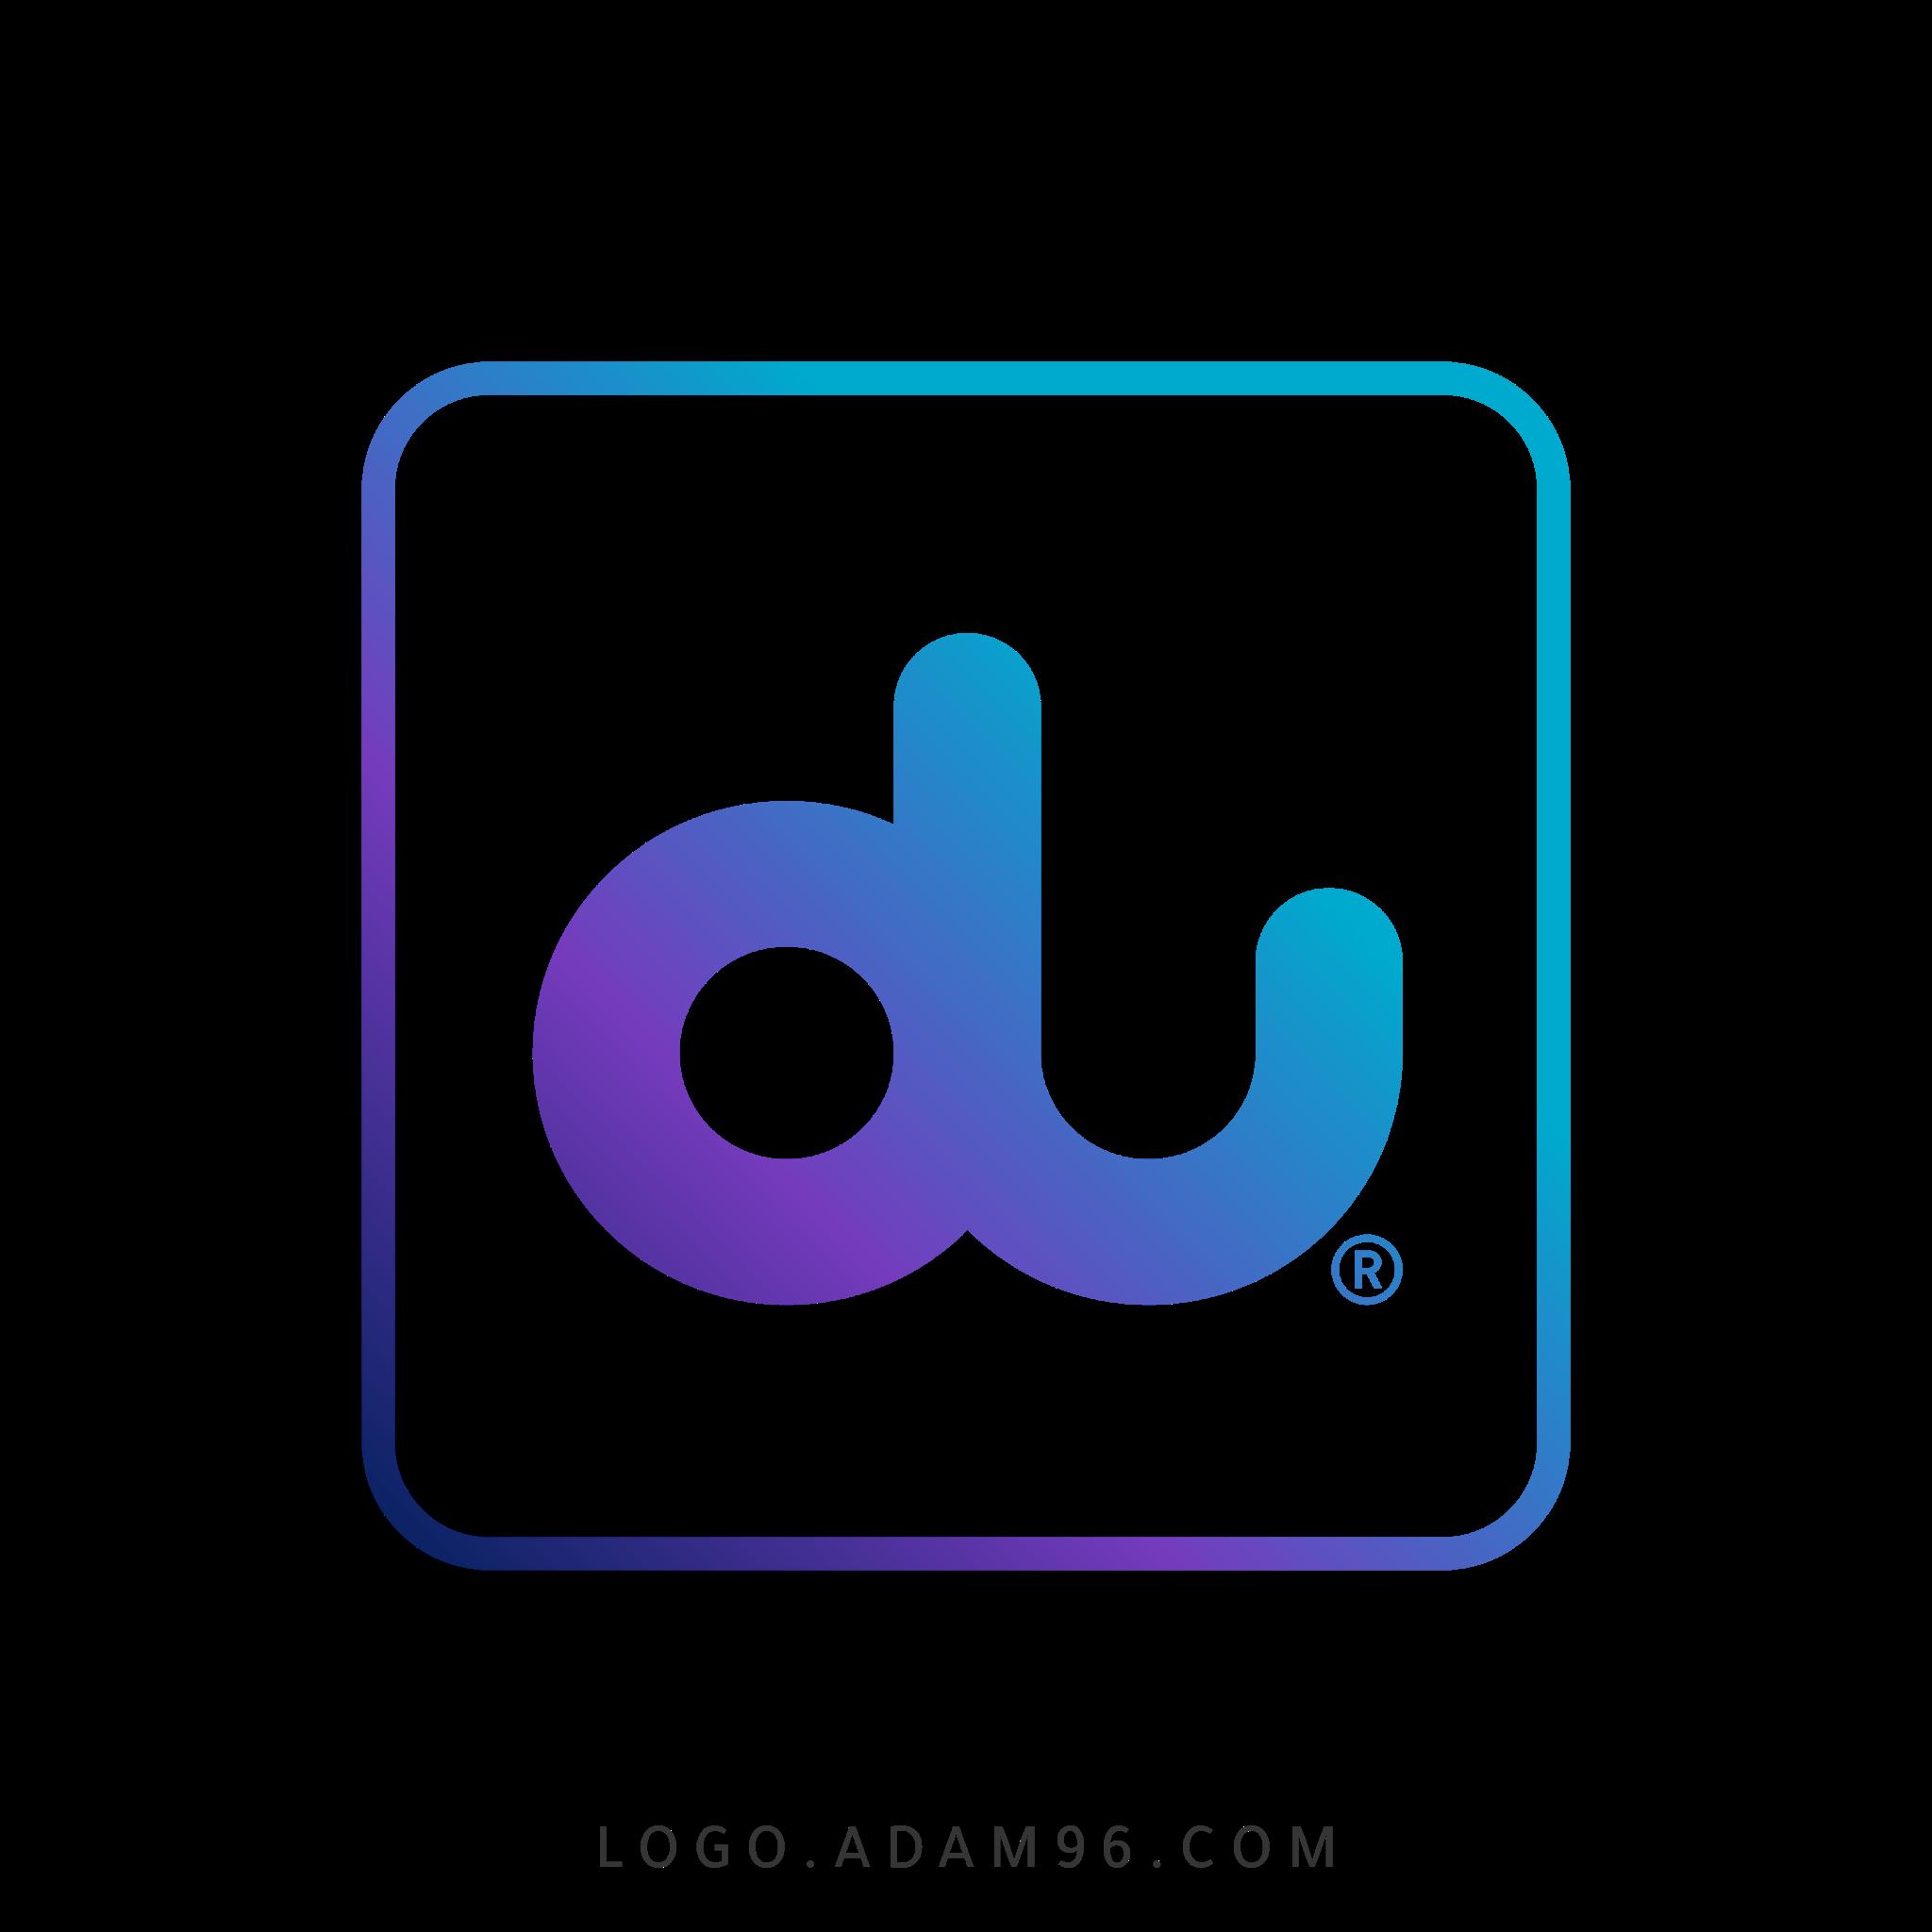 تحميل شعار شركة الإمارات للاتصالات المتكاملة (دو) لوجو رسمي بصيغة شفافة PNG